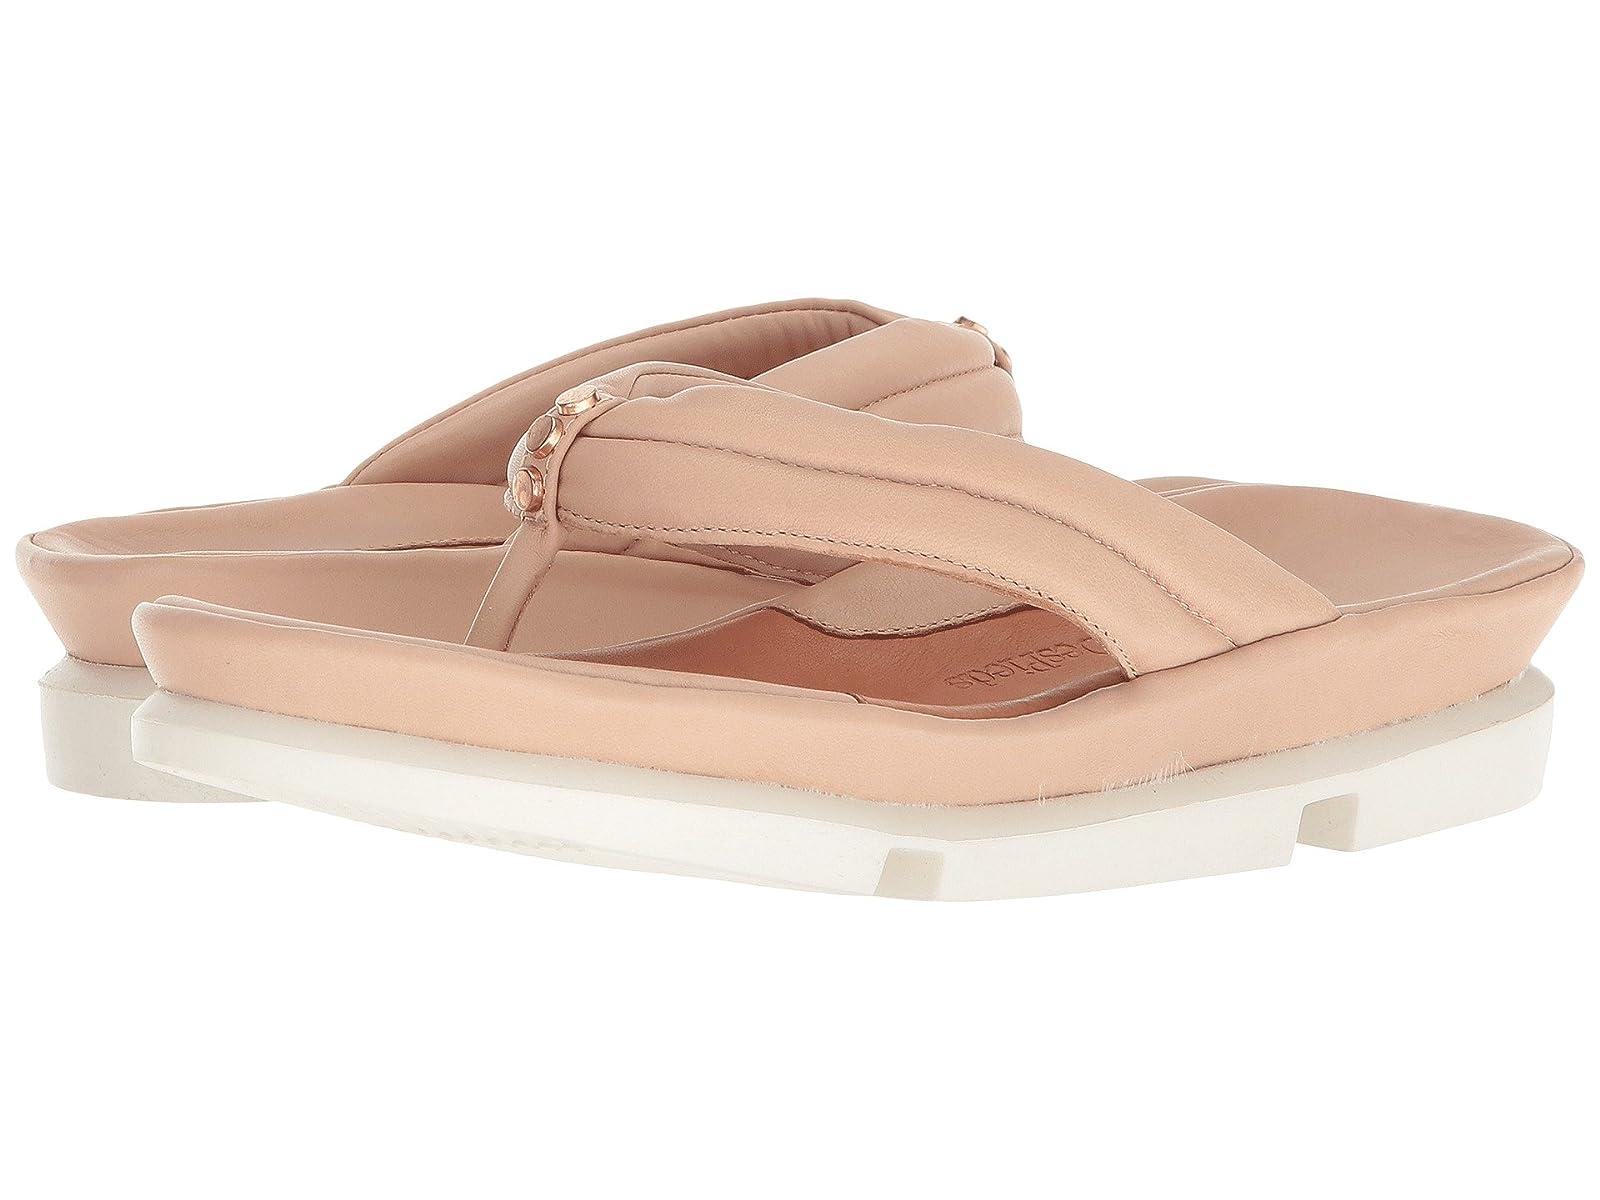 L'Amour Des Pieds VillapapaverAtmospheric grades have affordable shoes